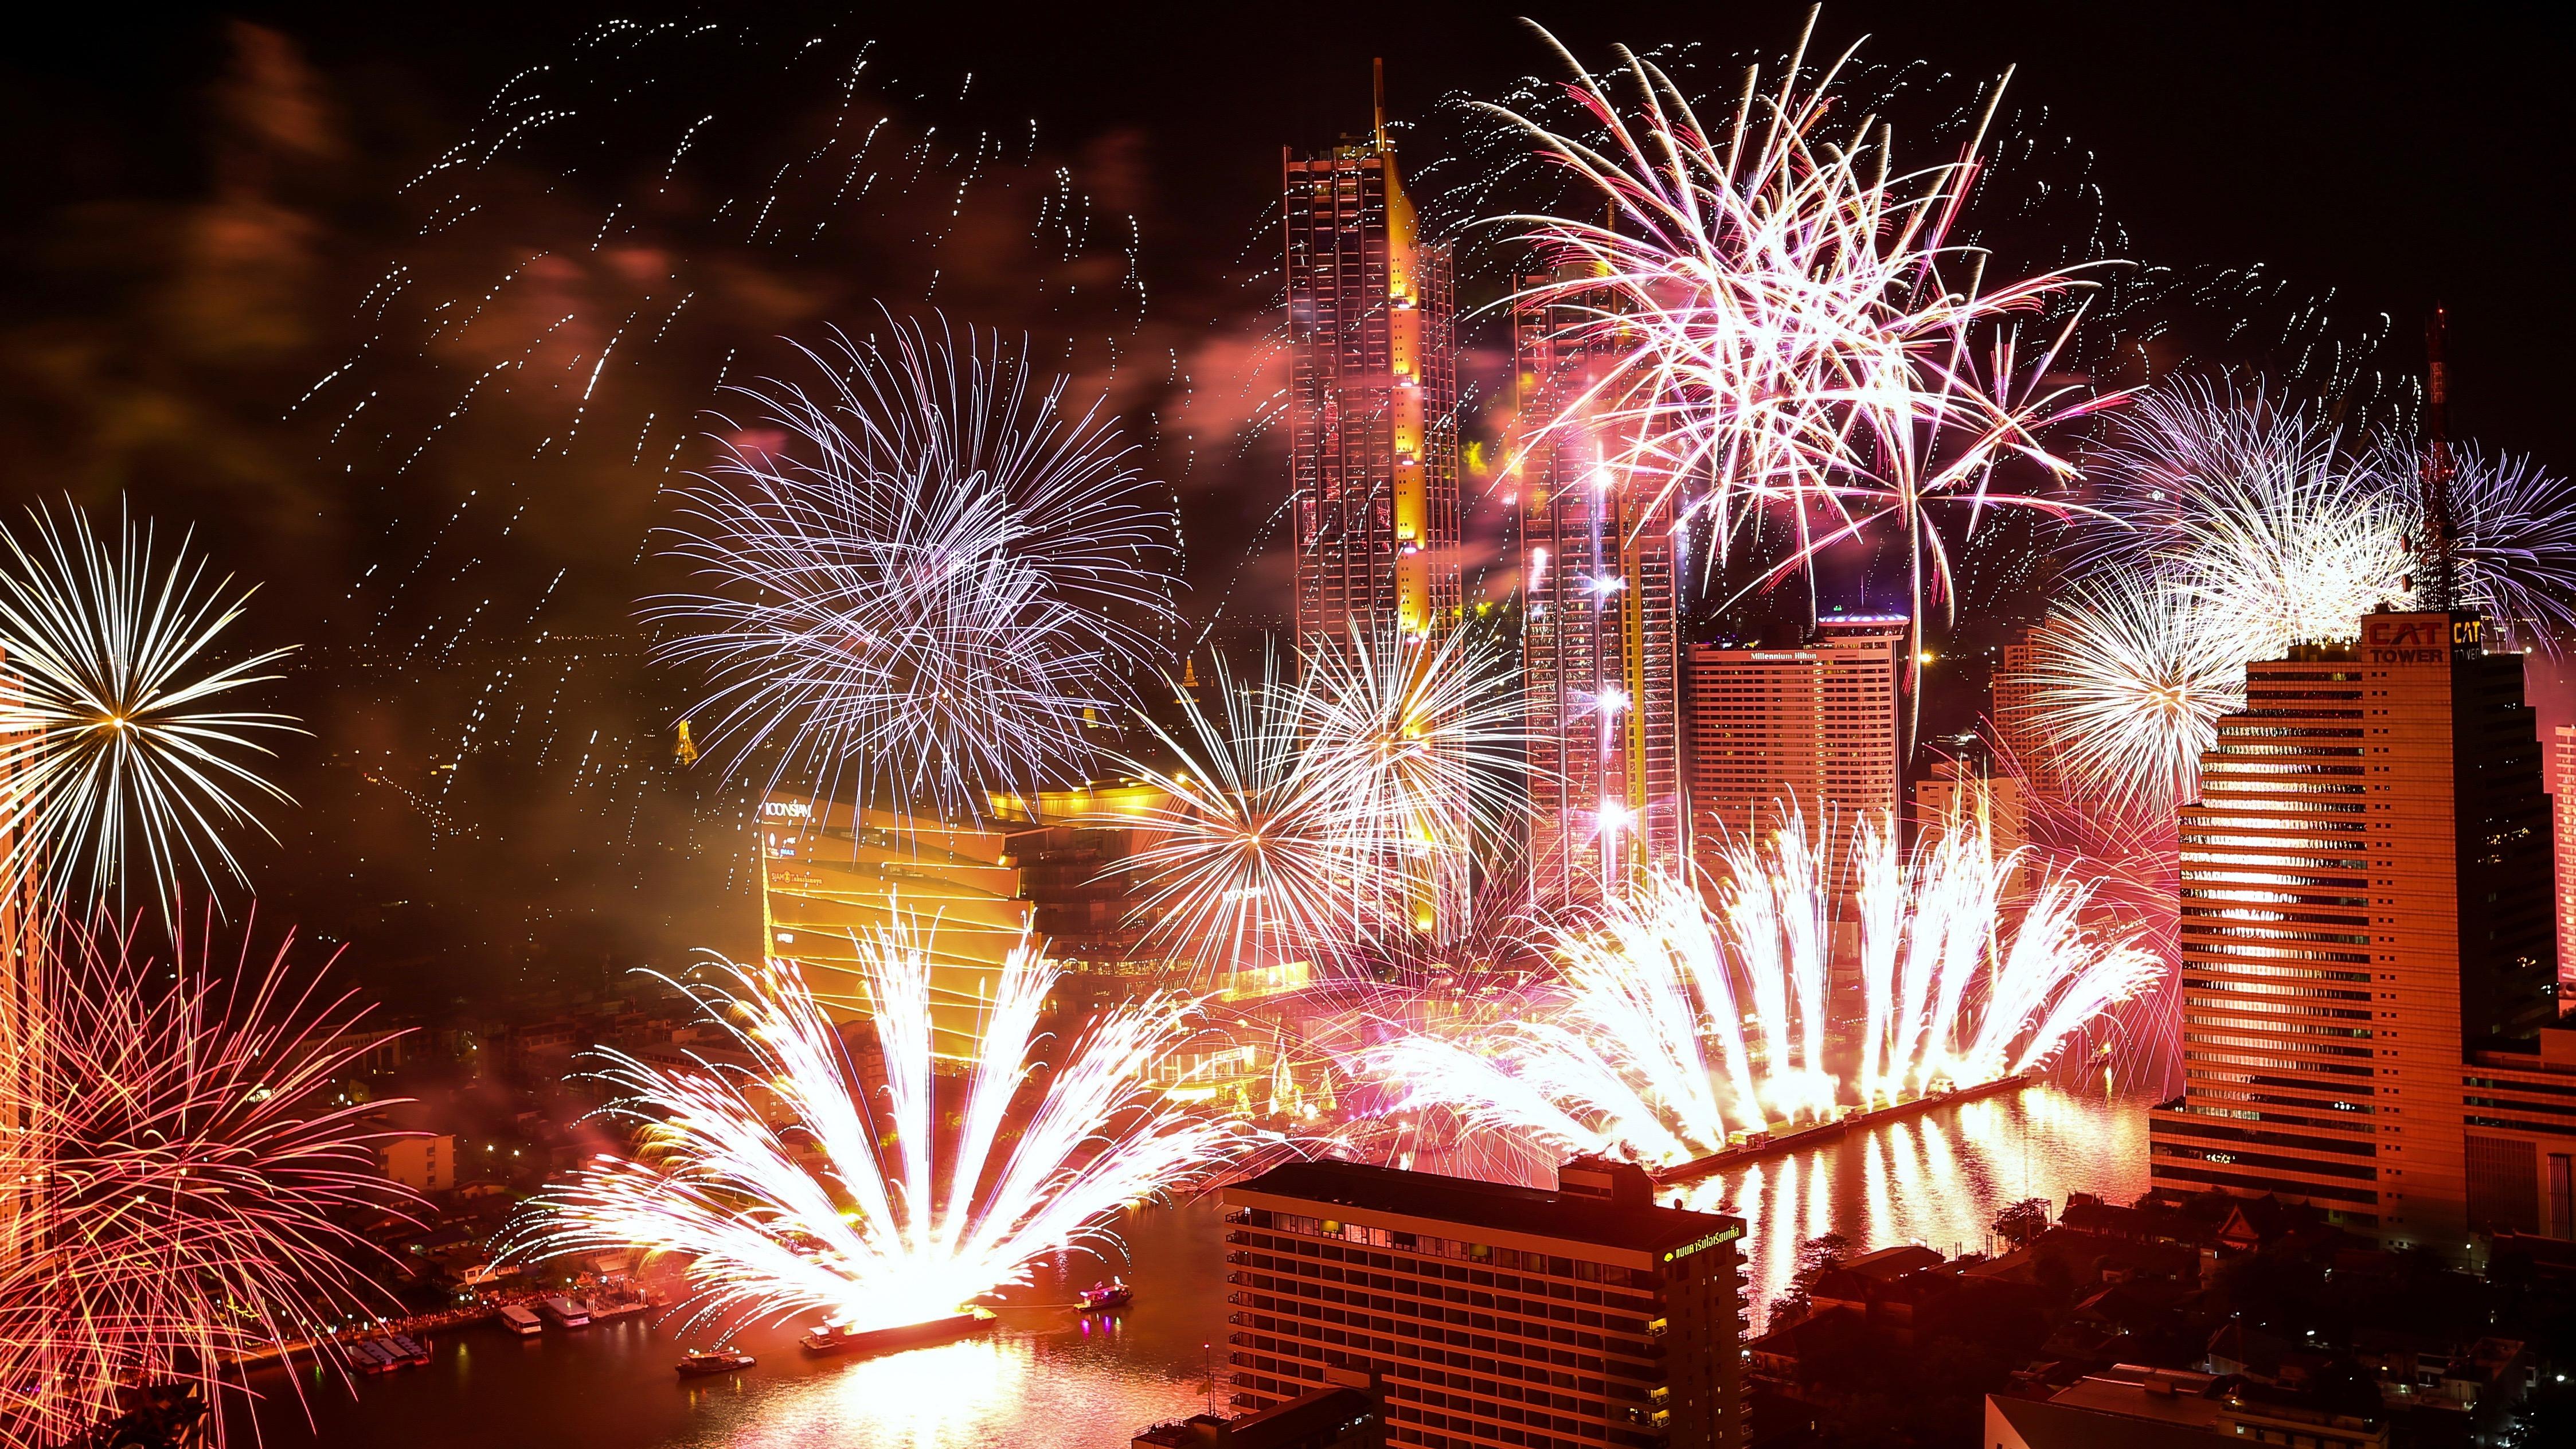 Fireworks in Thailand.